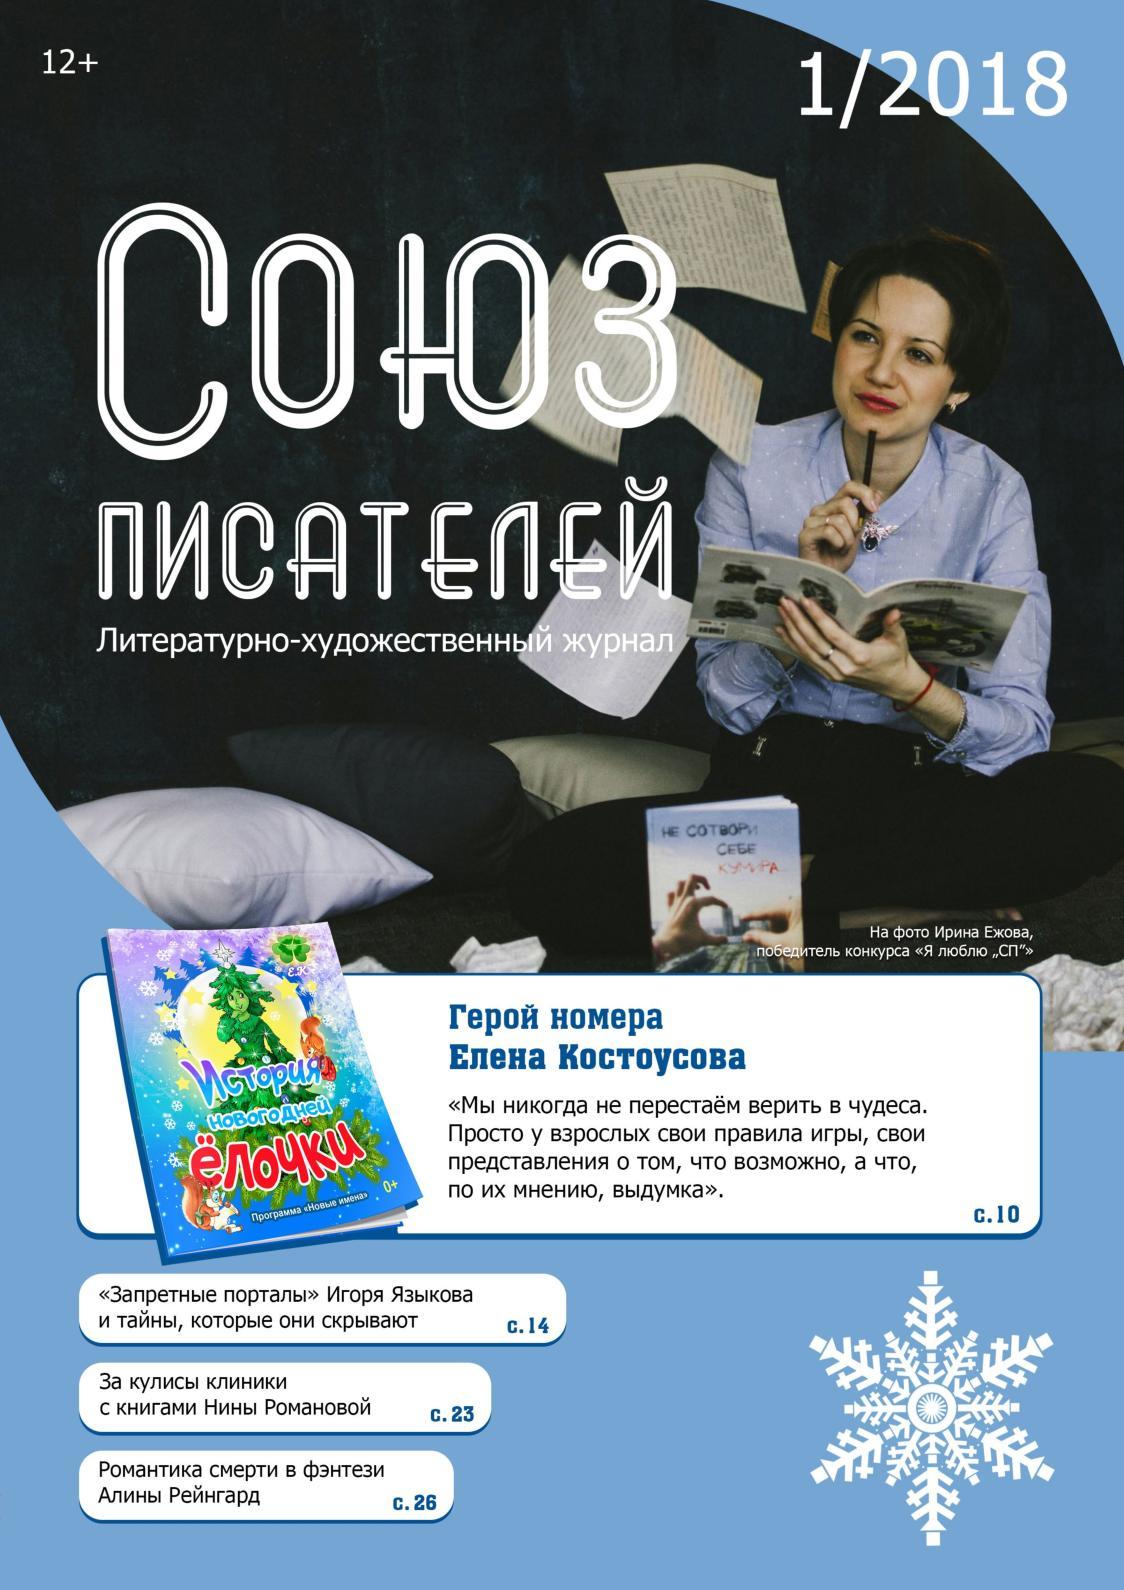 chernokozhey-vstavili-pen-kamshot-mezhdu-bolshih-sisek